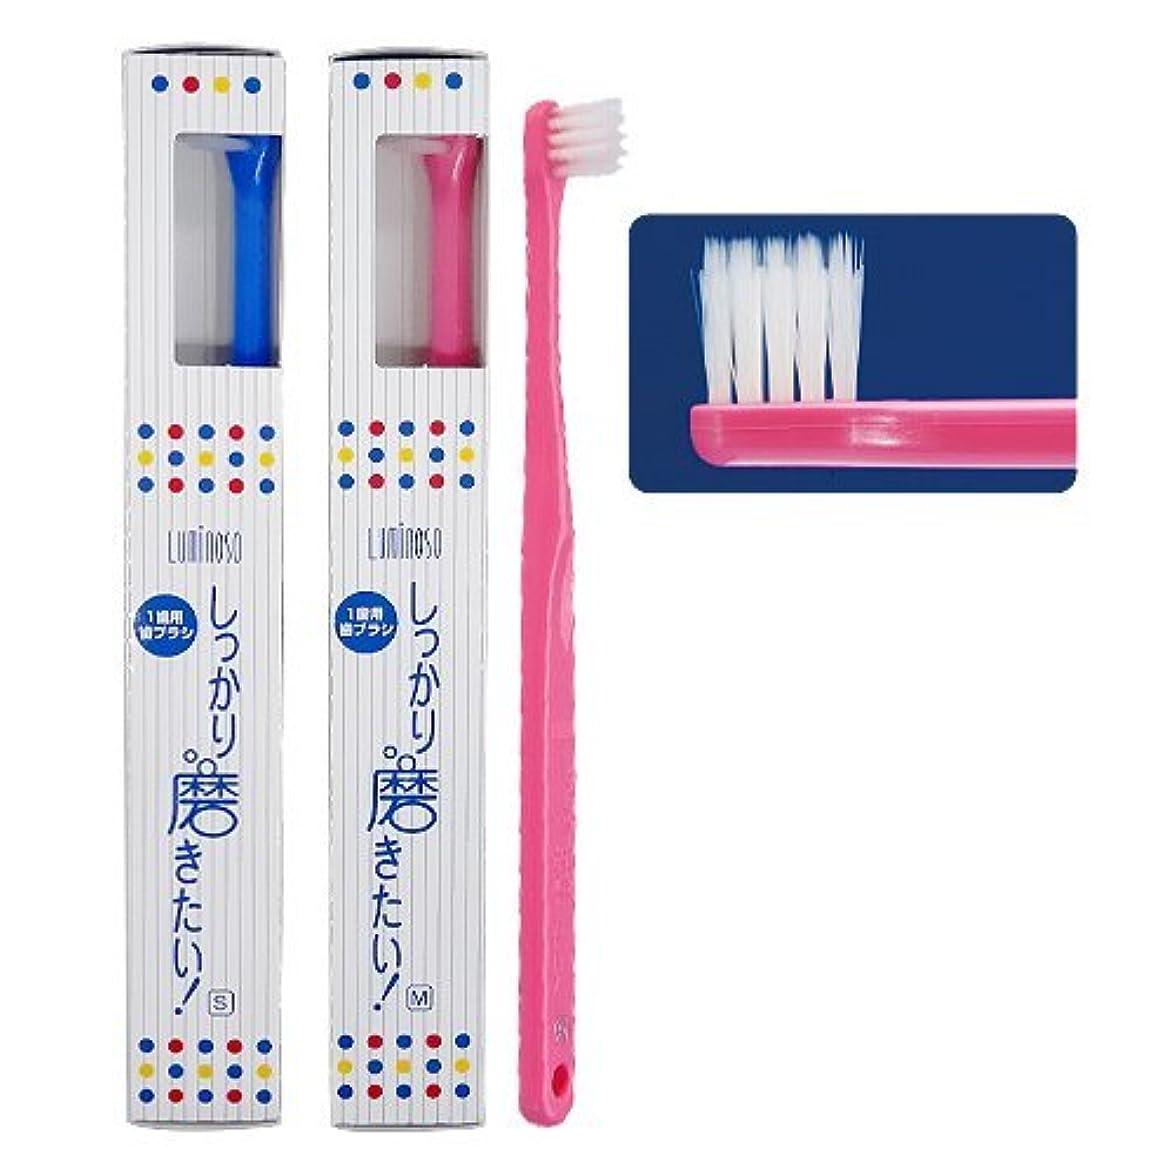 青オート食料品店ルミノソ 1歯用歯ブラシ「しっかり磨きたい!」スタンダード ソフト (カラー指定不可) 10本